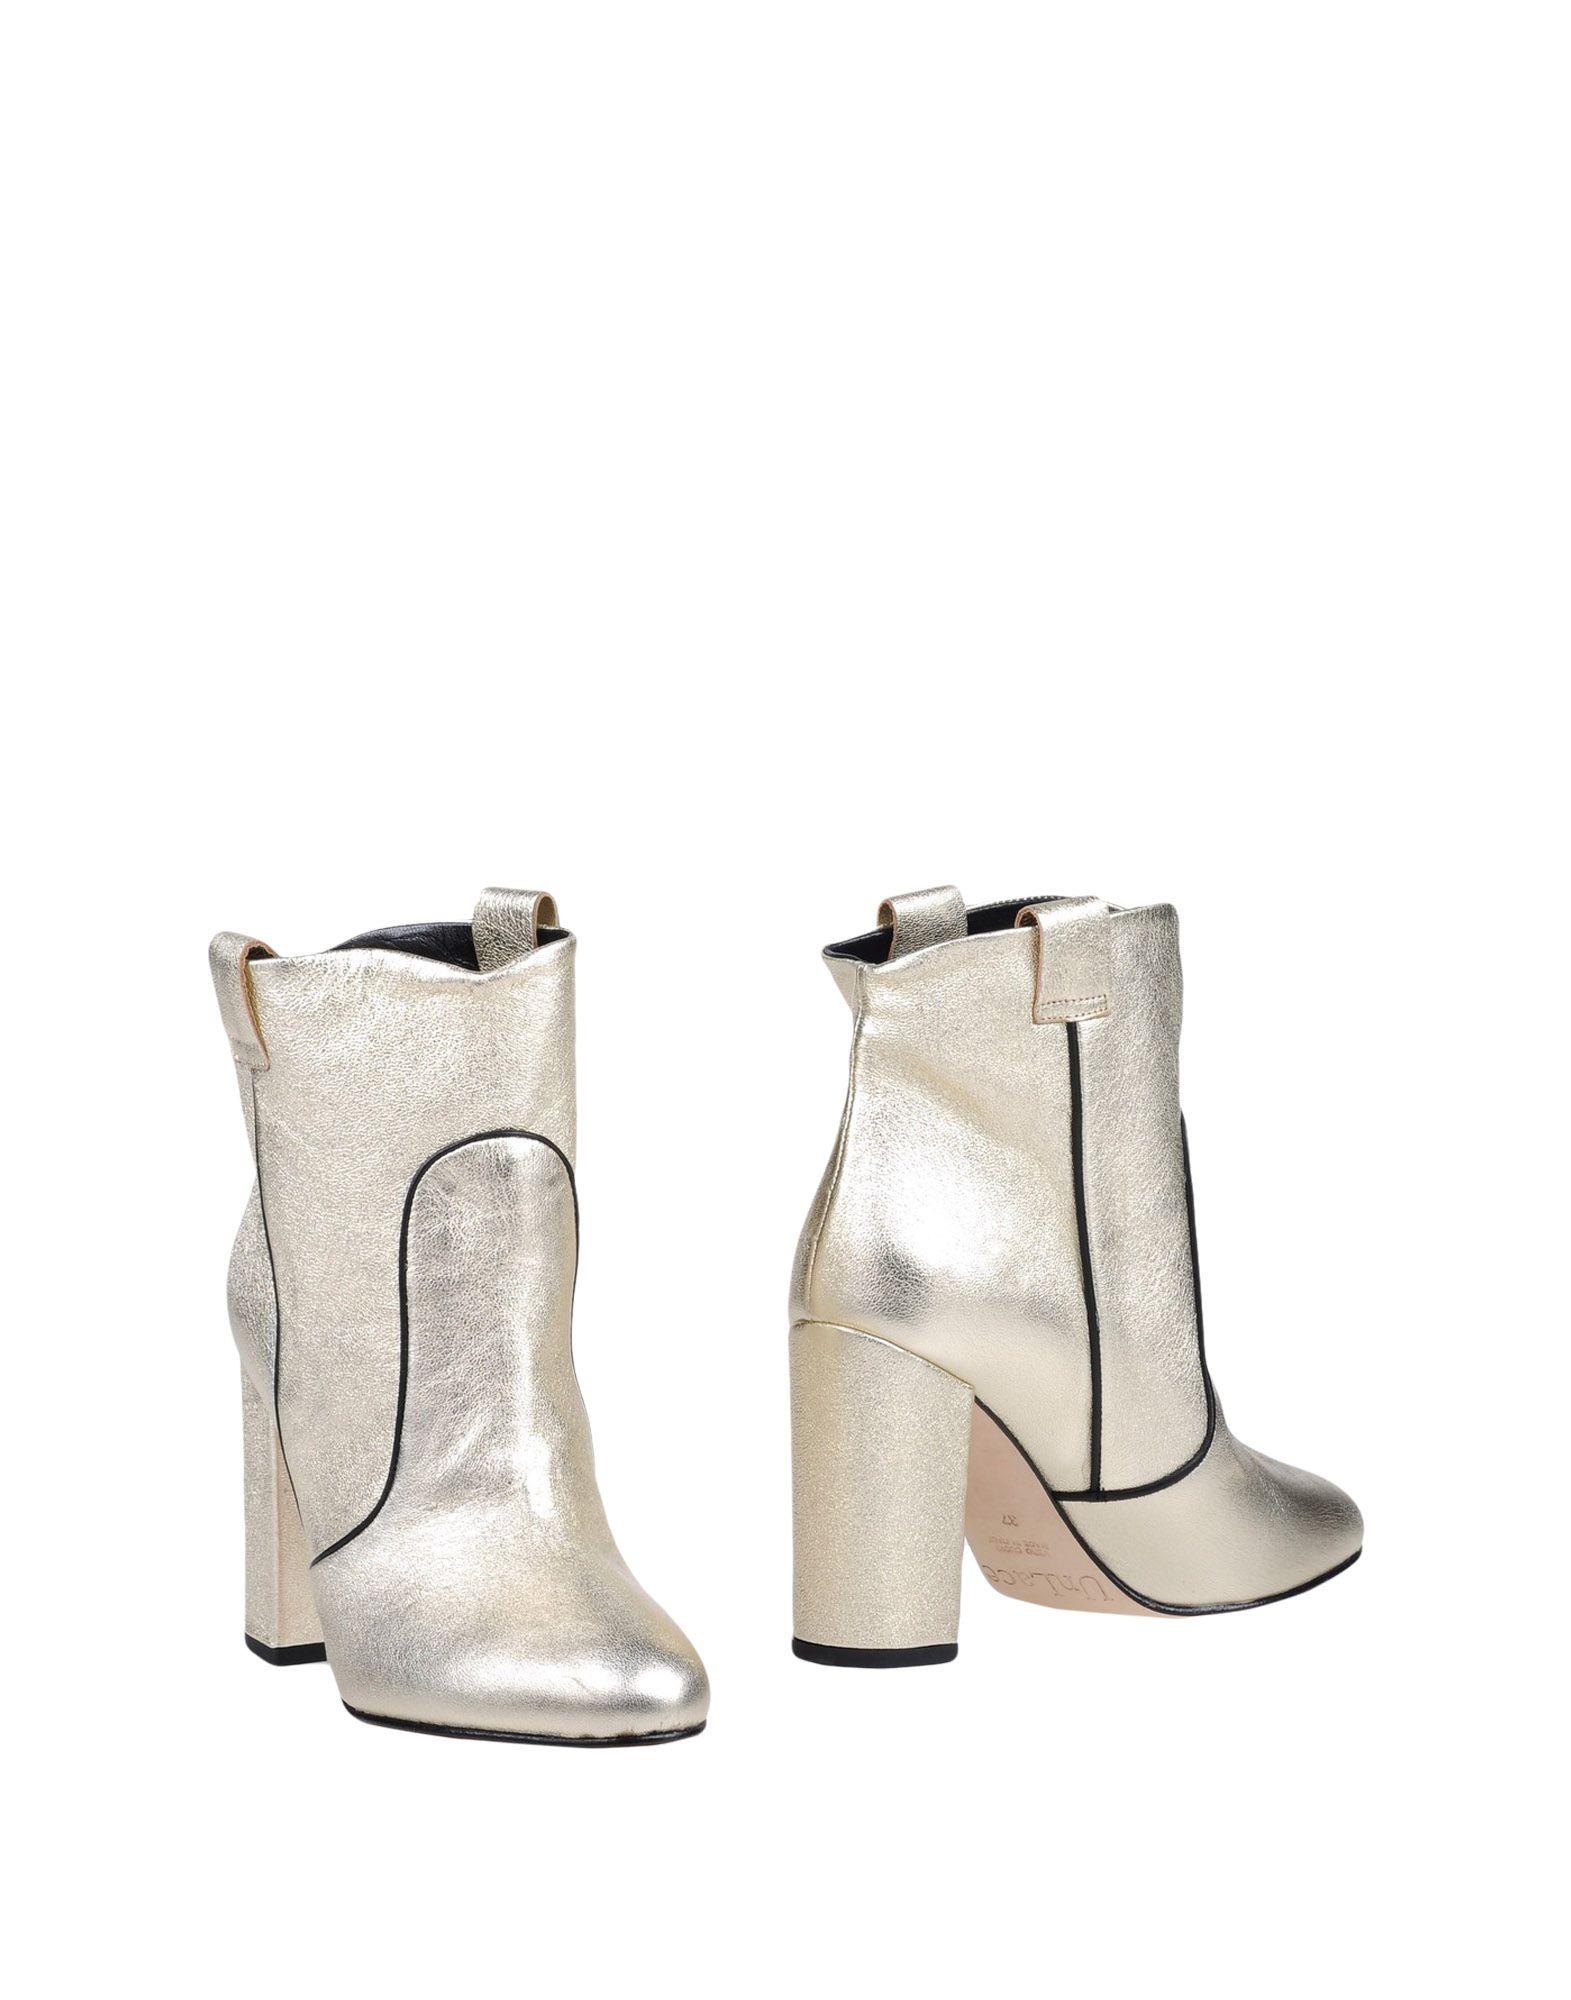 Moda Stivaletti Unlace Donna Donna Unlace - 11375403UE 58f4fa